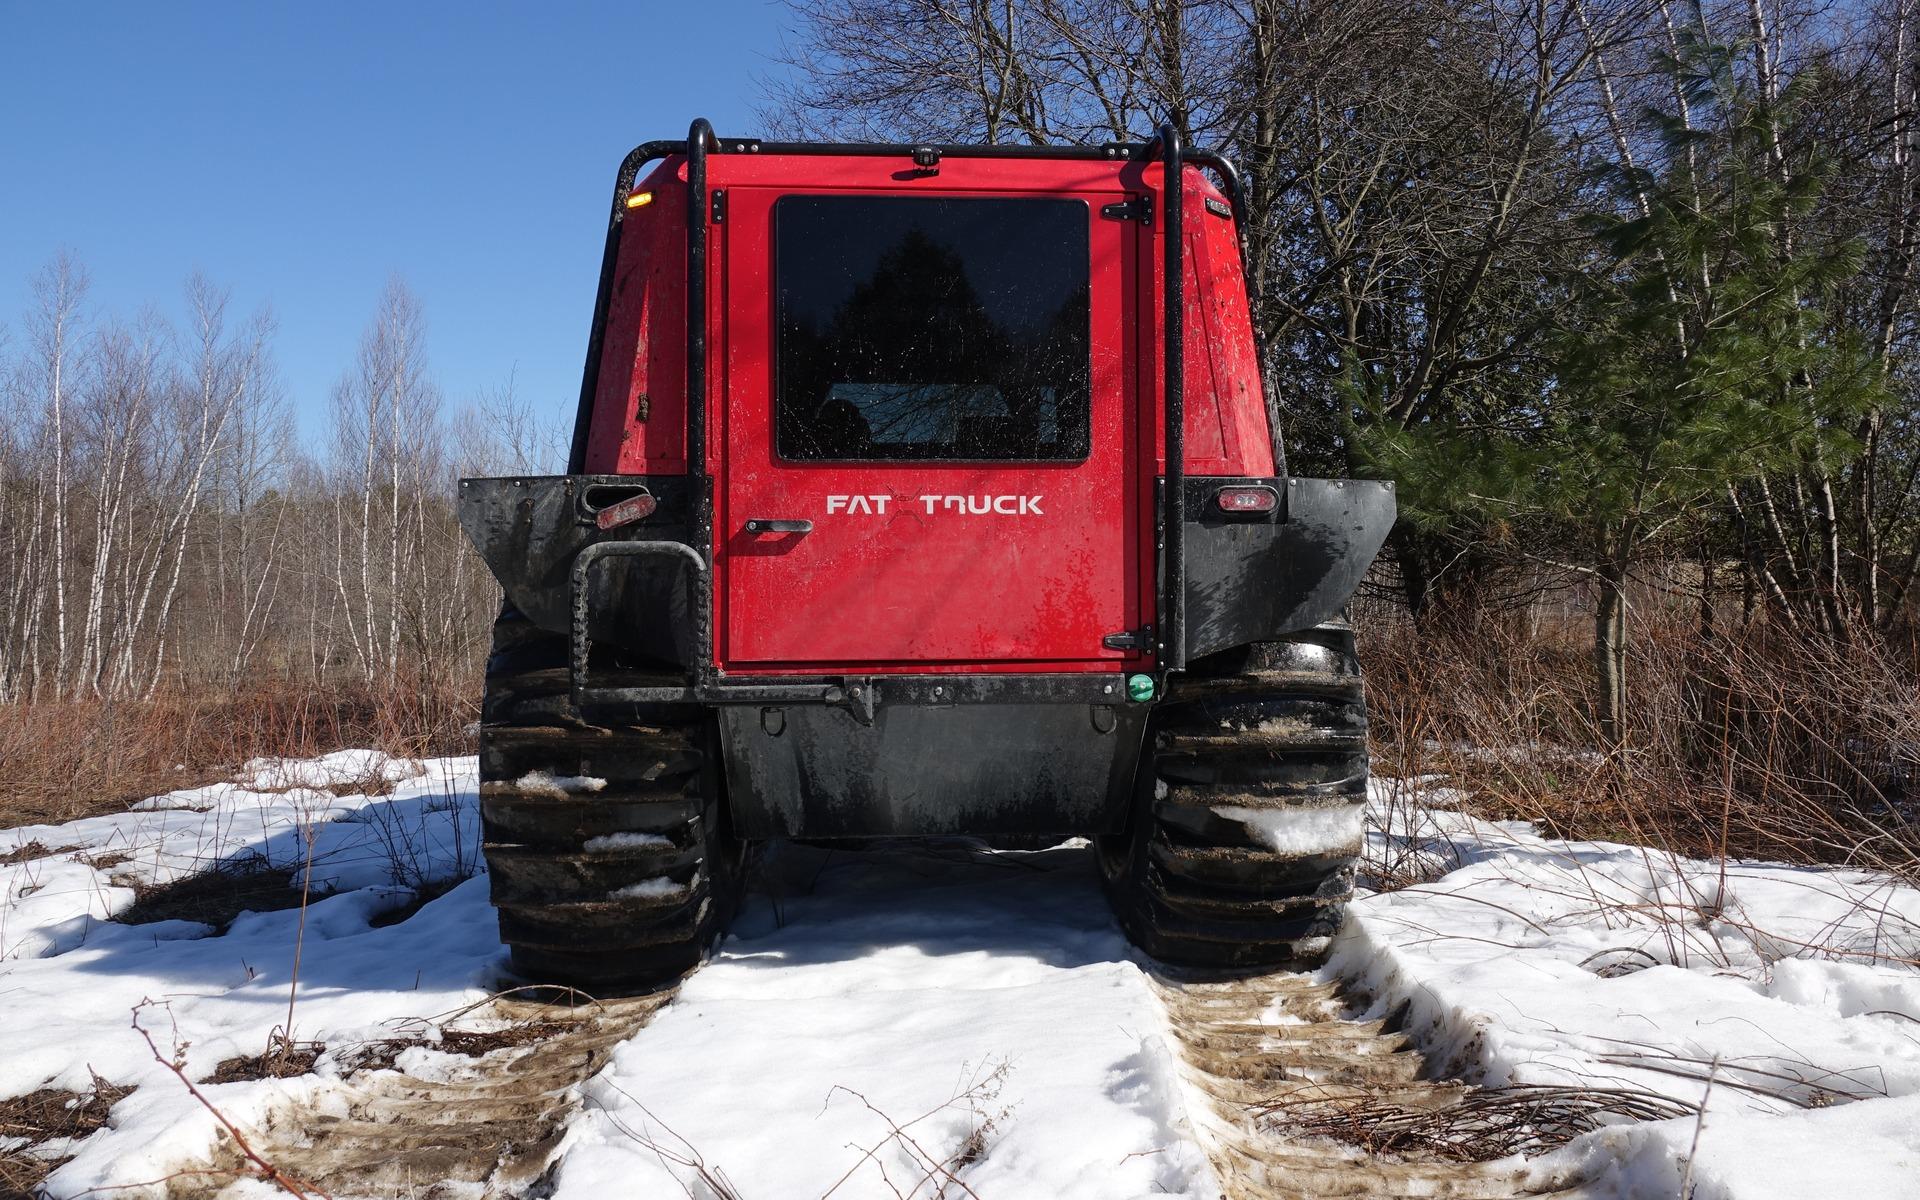 <p>Le Fat Truck en vue arri&egrave;re, avec &eacute;chelle escamotable</p>